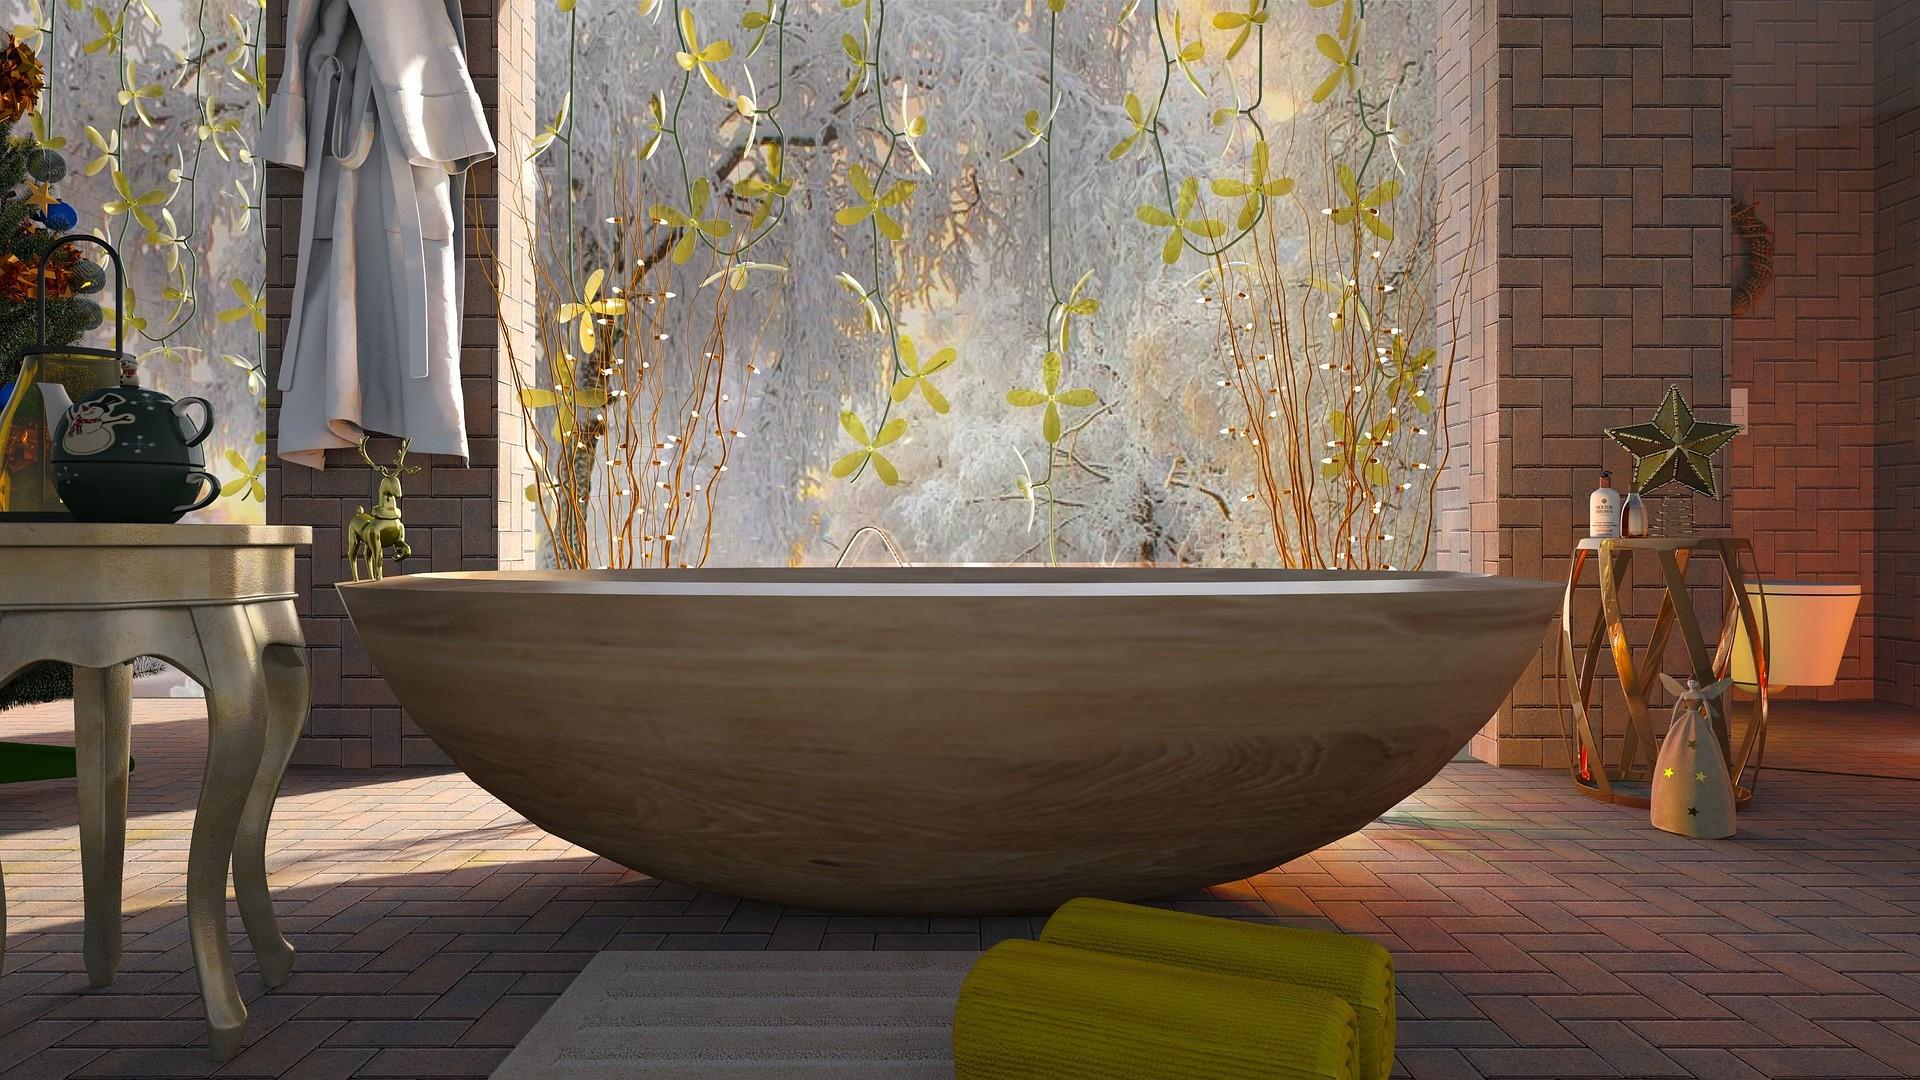 Перепланировка ванной комнаты и туалета: тонкости объединения помещений